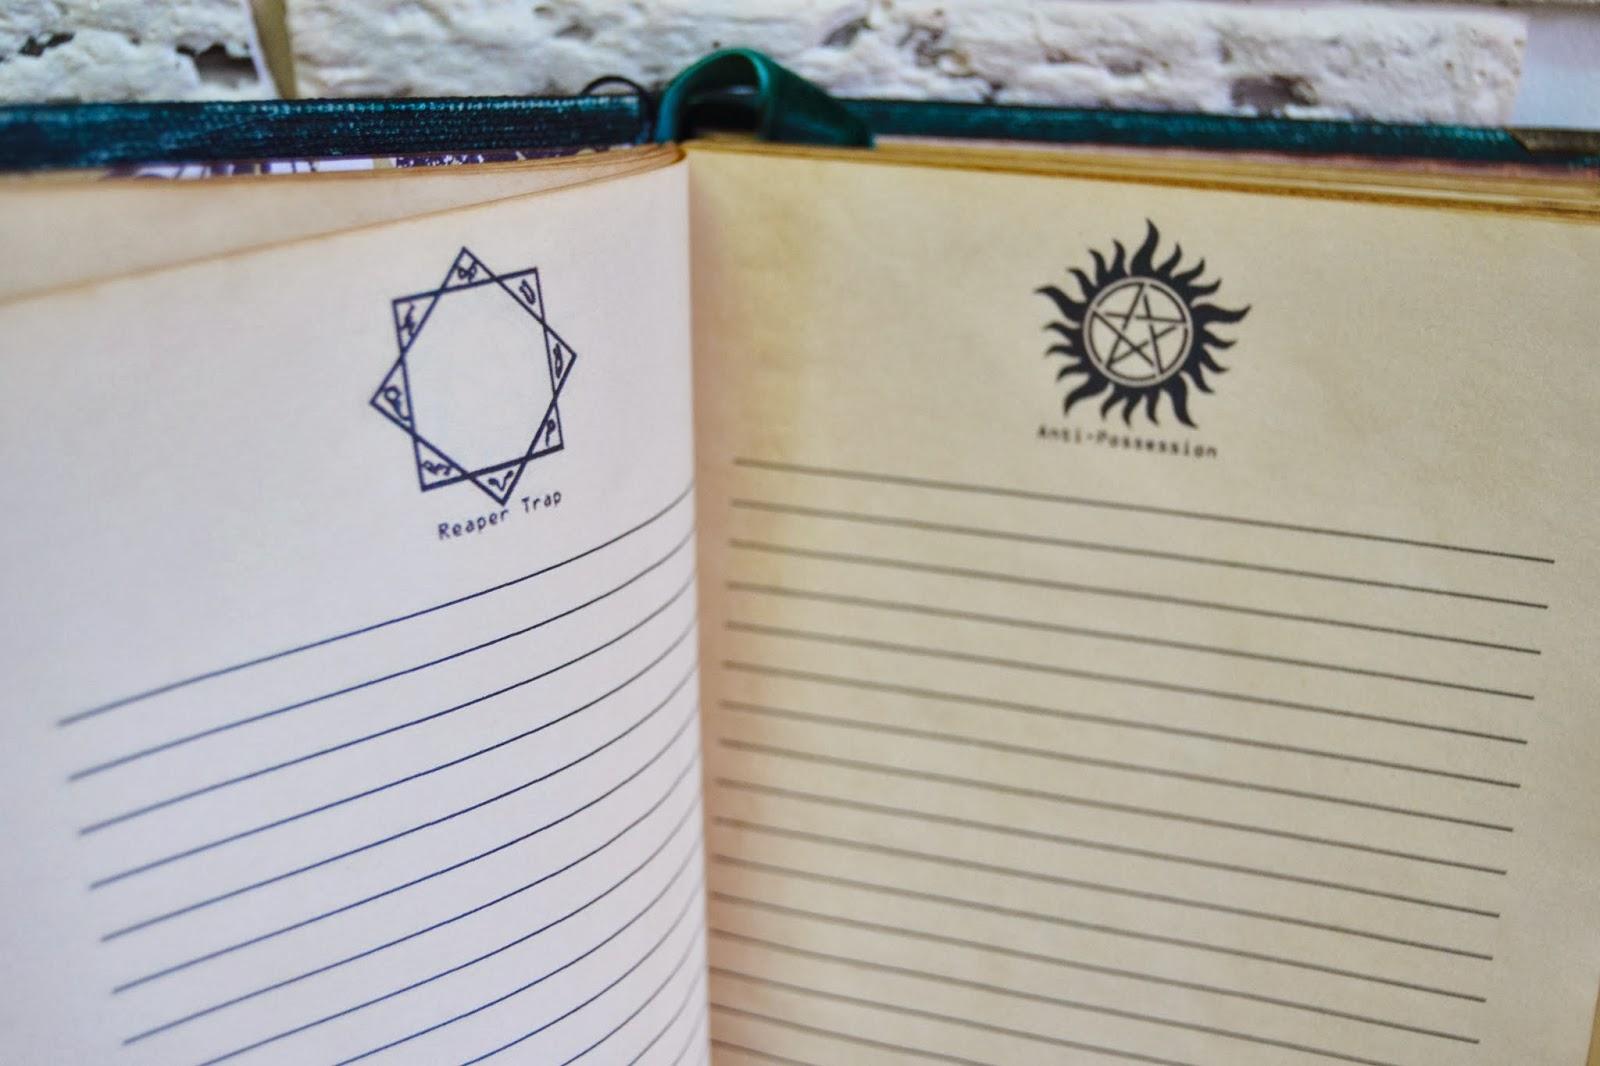 Дневник джона винчестера своими руками 39